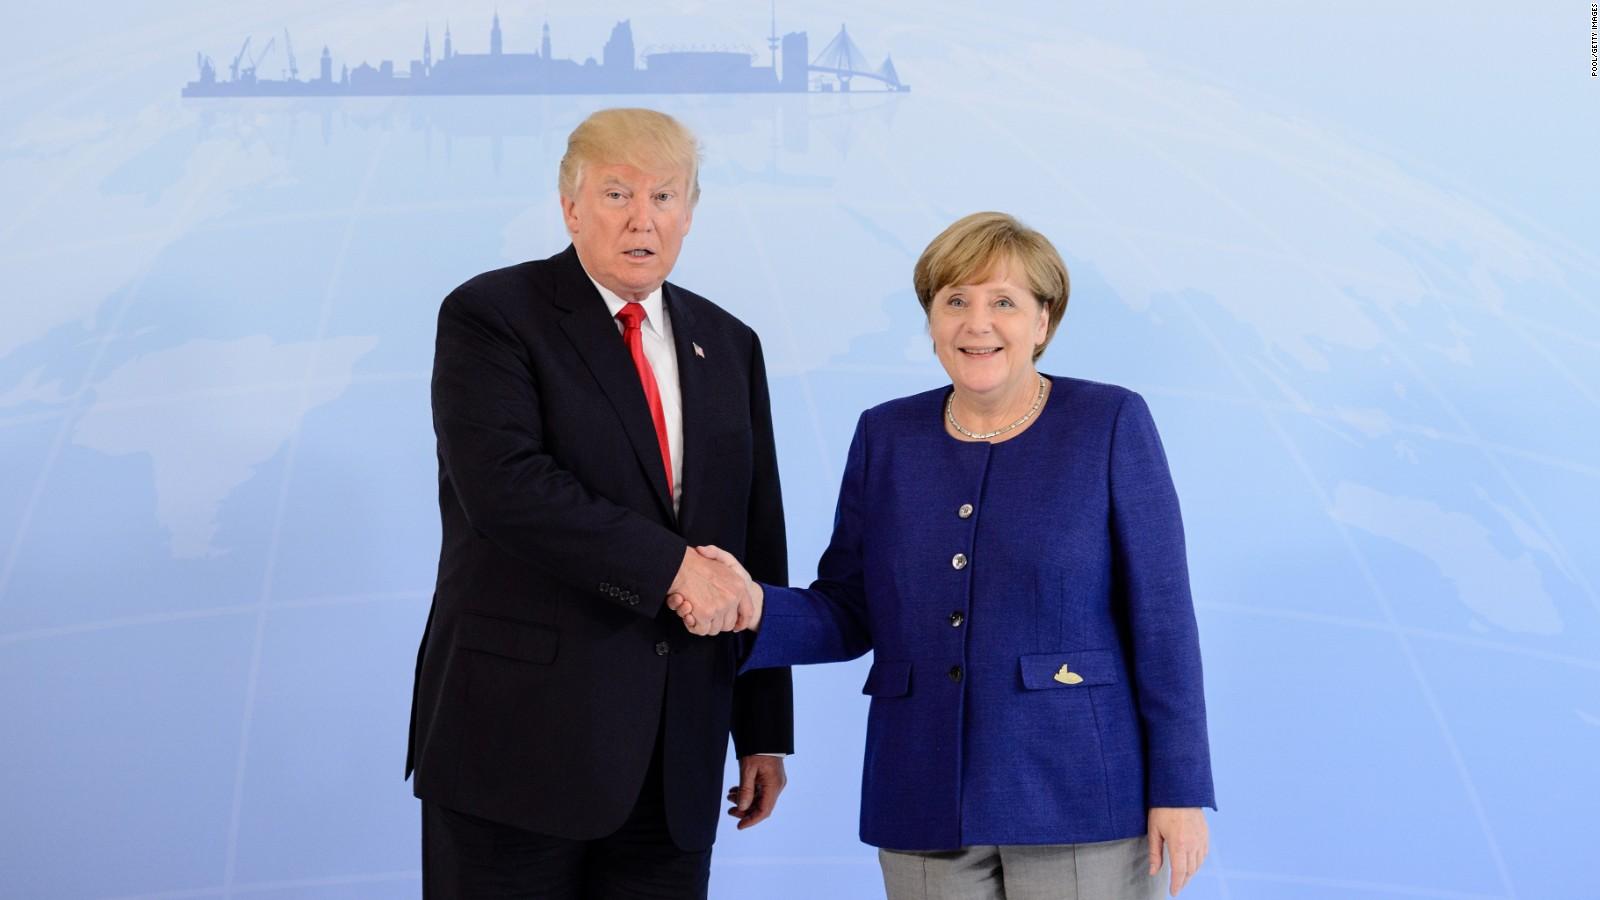 Trump Merkel Begin Visit With Handshake Cnn Video